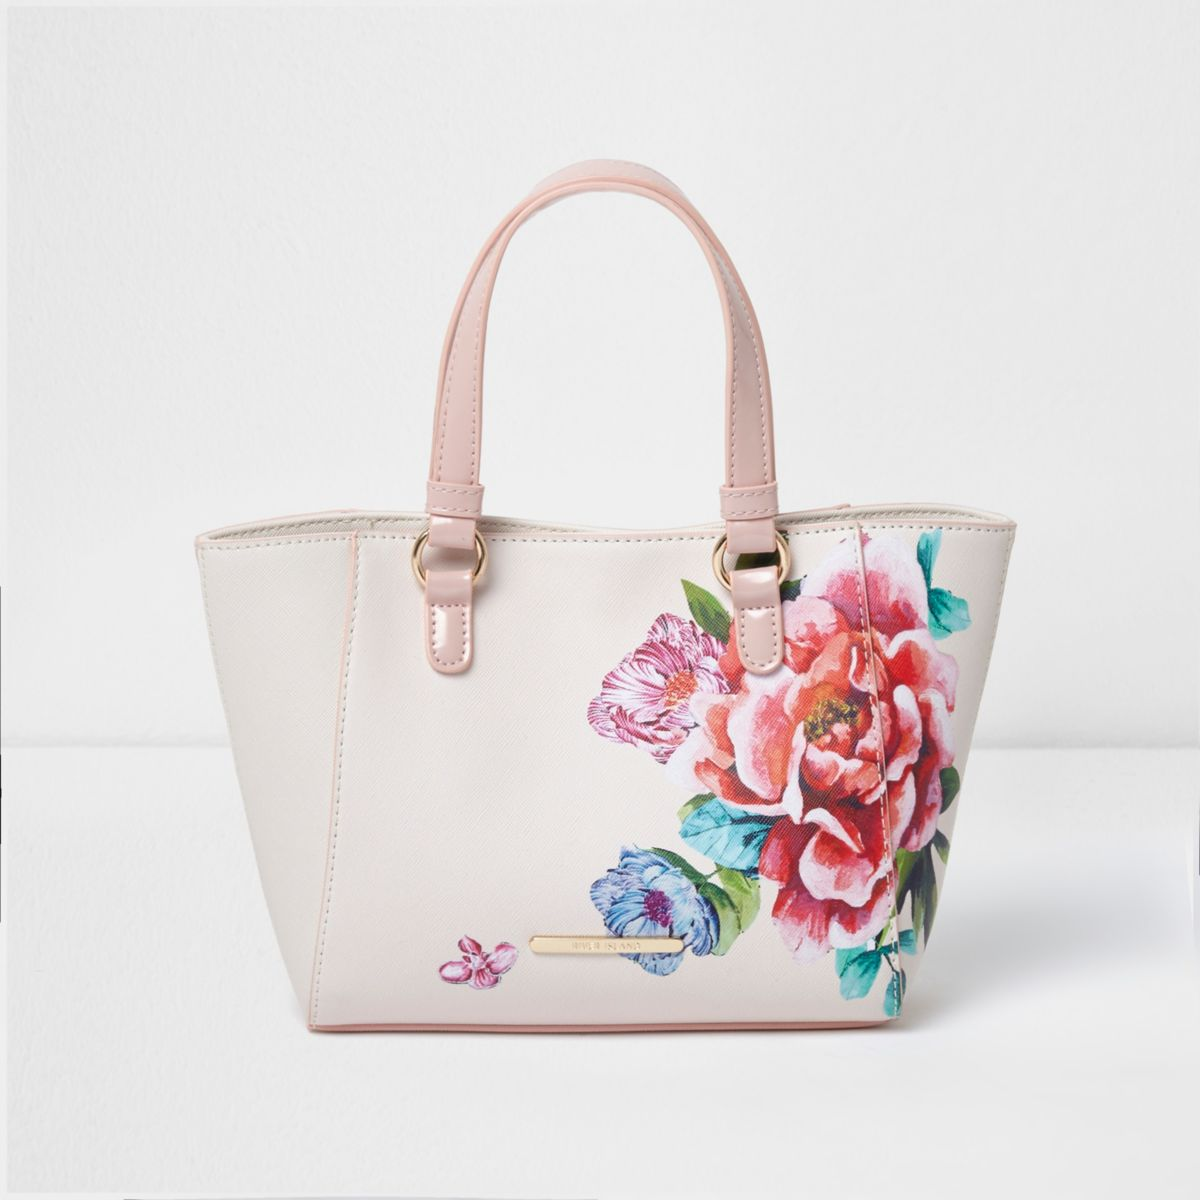 Pinke Tote Bag mit Blumenmuster